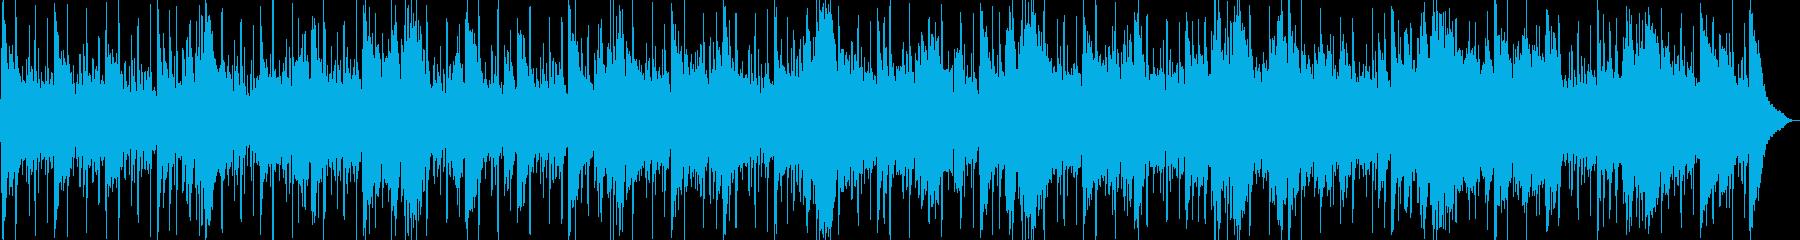 明るい、チェロはエレクトロニカ、イ...の再生済みの波形